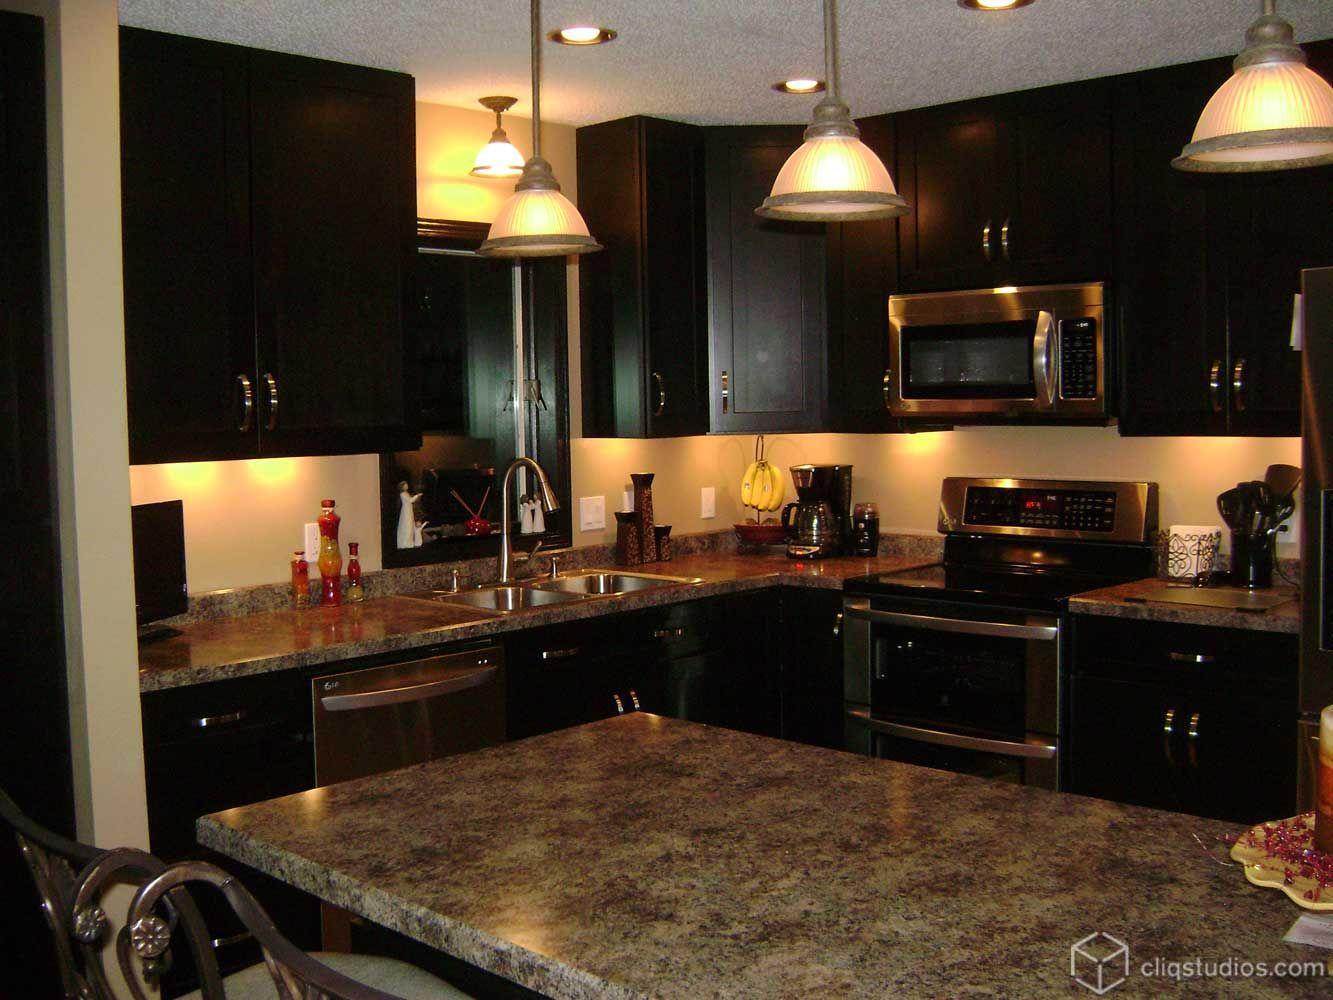 The Rich Birch Sable Dark Espresso Color On The Cliqstudioscom - Kitchens with espresso cabinets